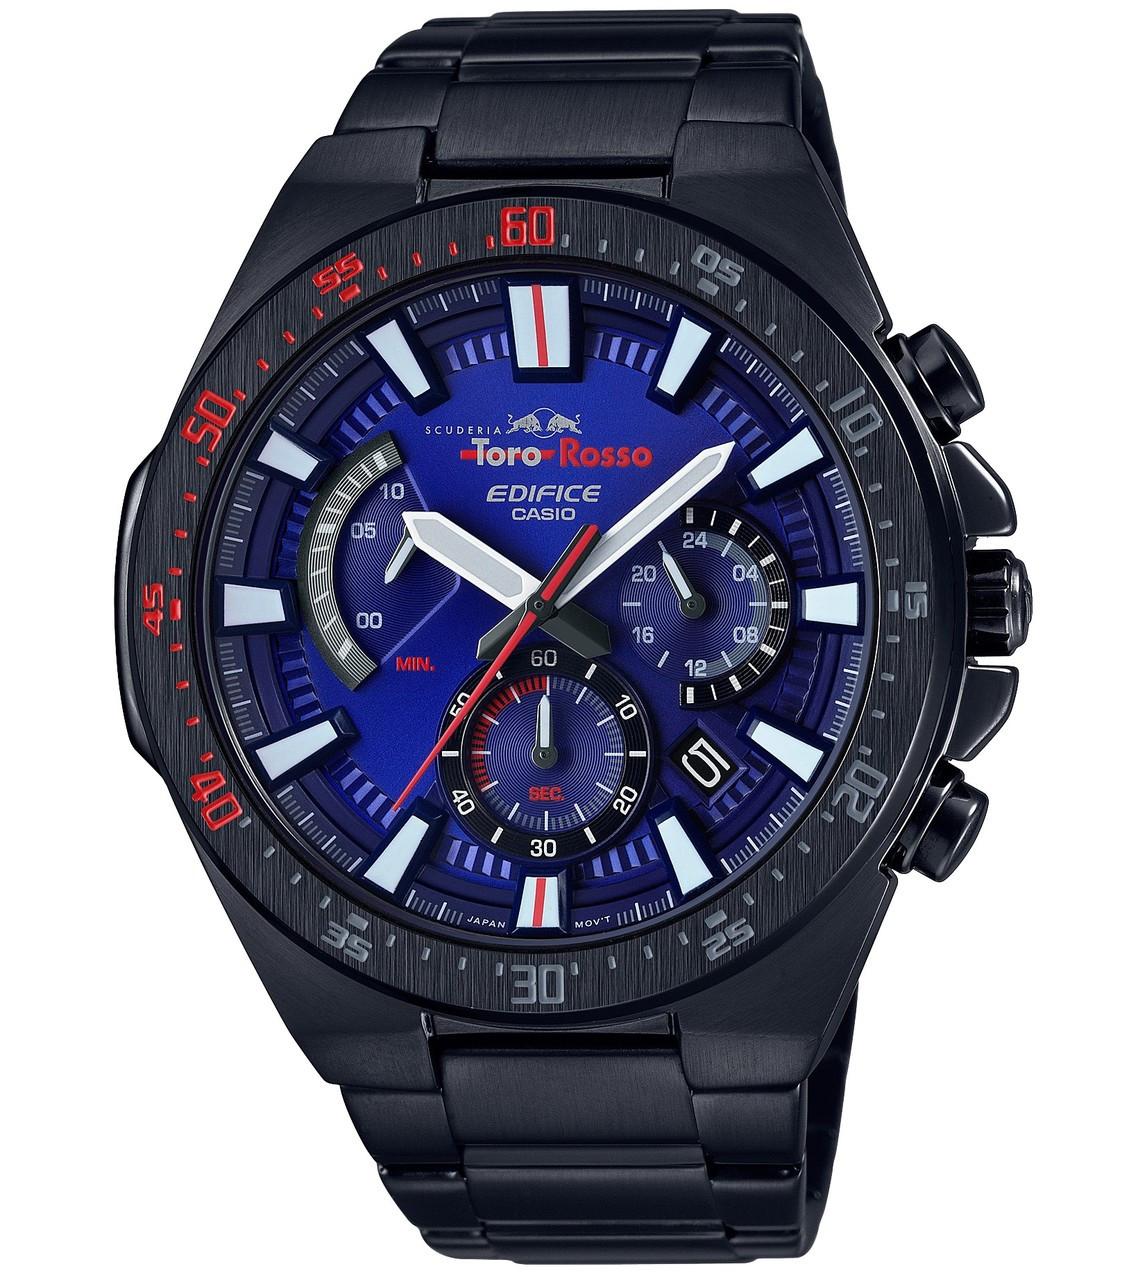 Bleu Montre Scuderia 2aer Noir Casio Edifice Homme Cadran Pour Efr Chronographe Et Toro 563tr Rosso Bracelet clF1uT3KJ